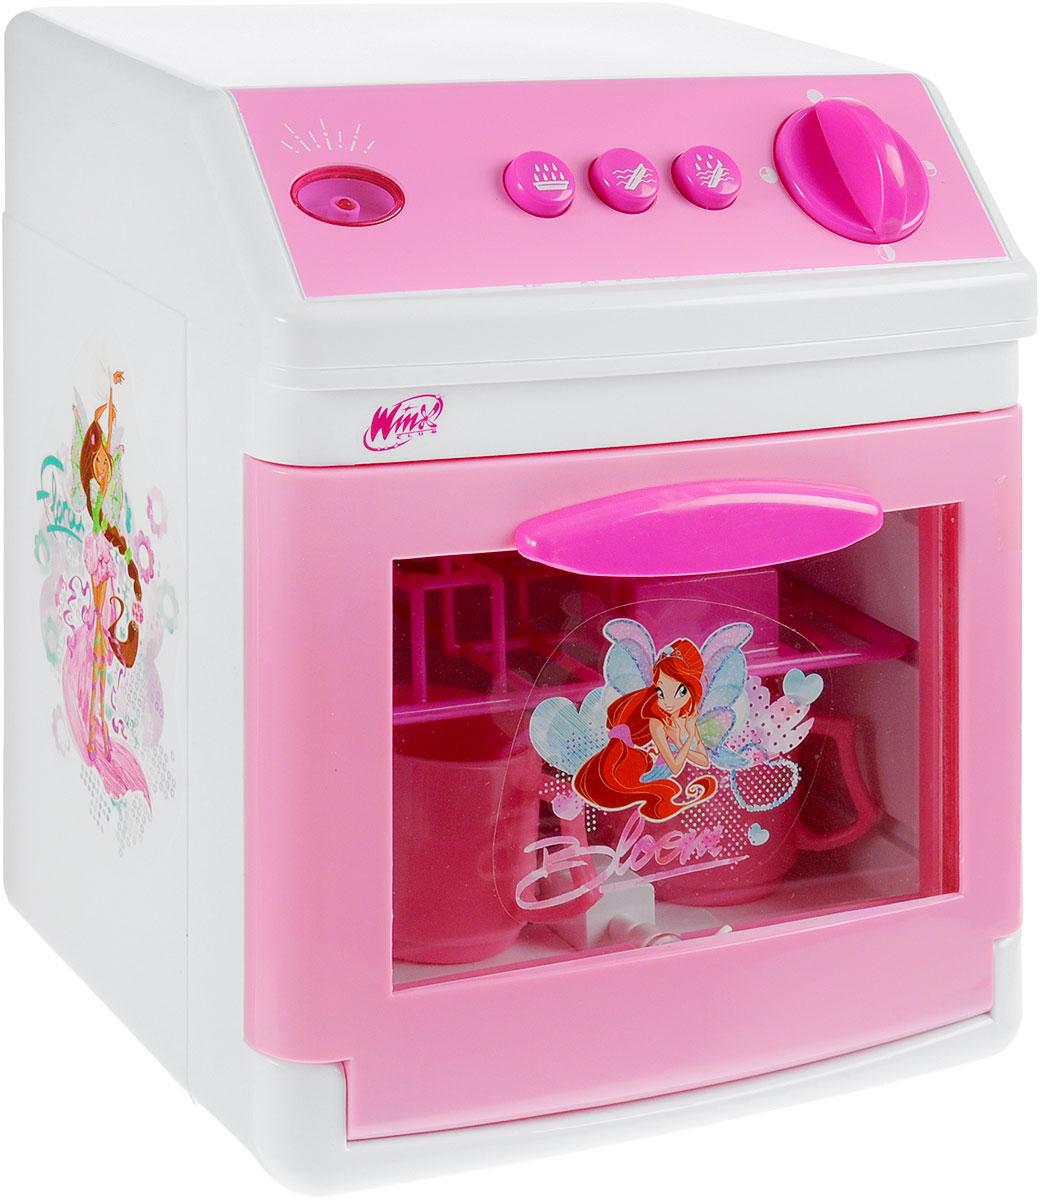 Играем вместе Игрушечная посудомоечная машина Winx Club ролевые игры играем вместе посудомоечная машина winx